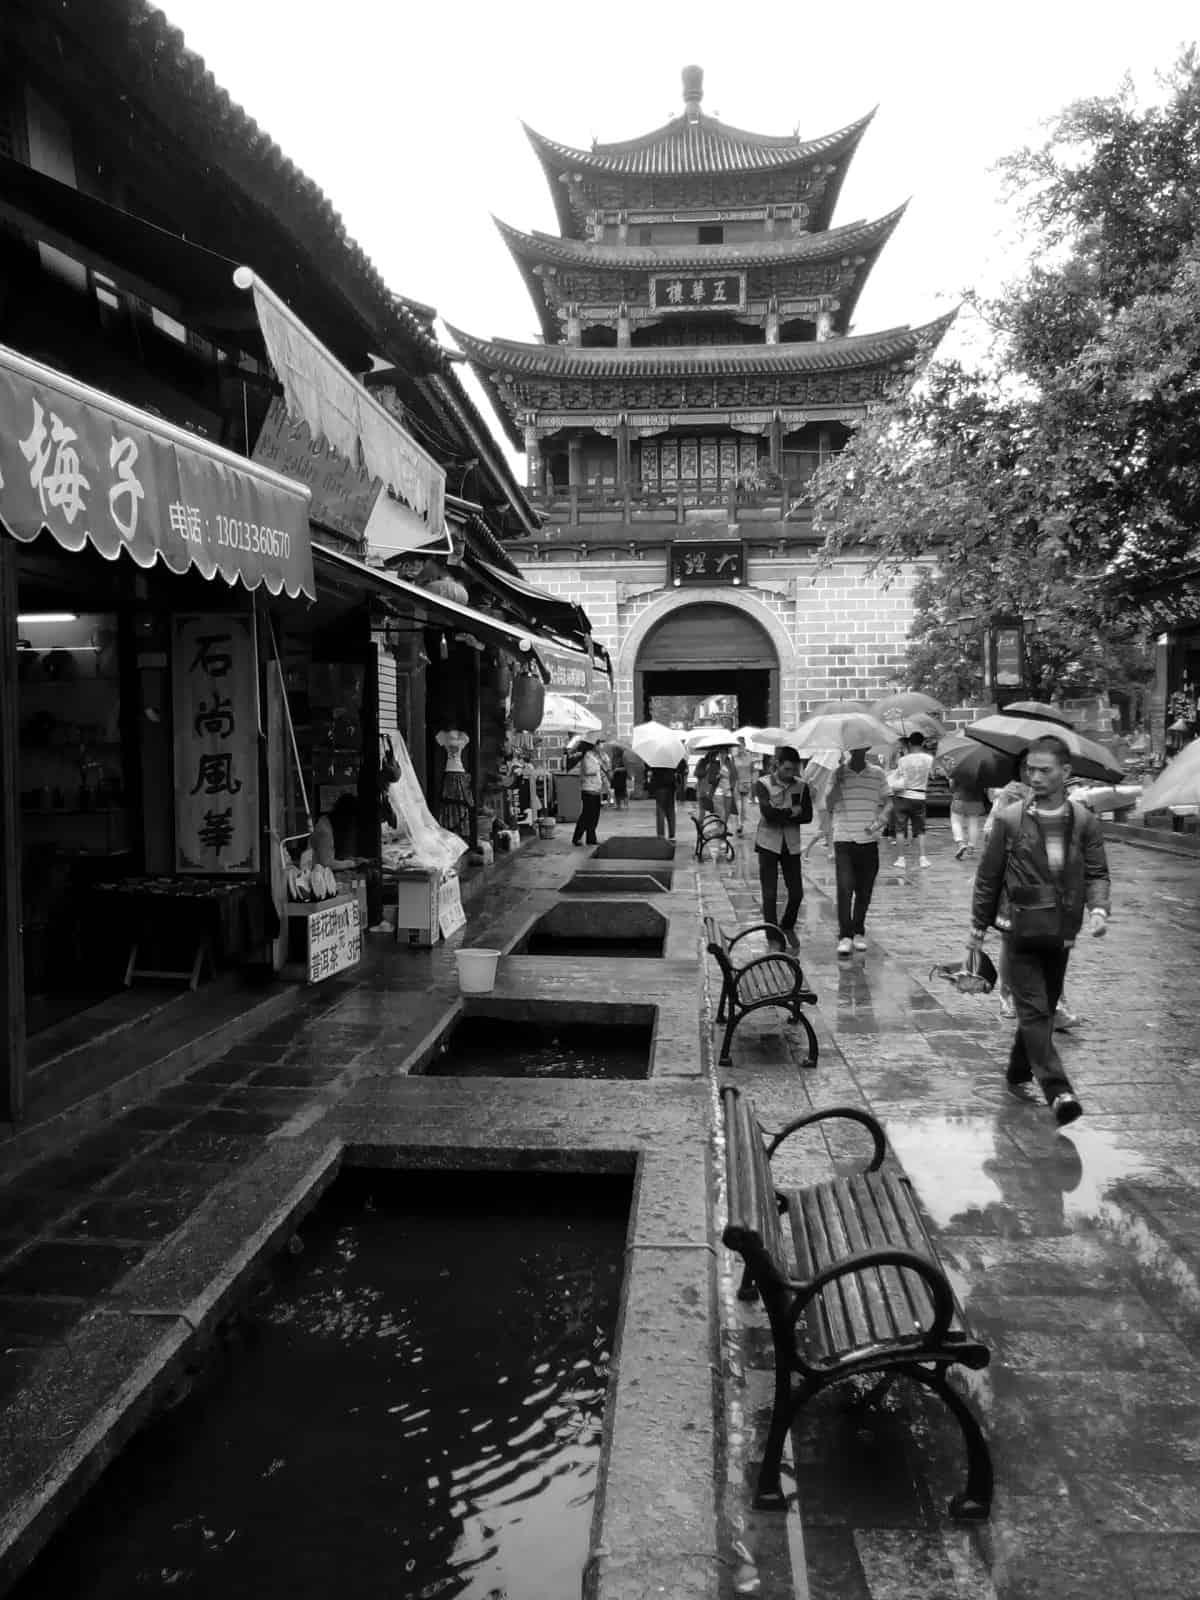 Yunnan Dali - Viaje organizado a Yunnan: 12 días en China con chófer y guía